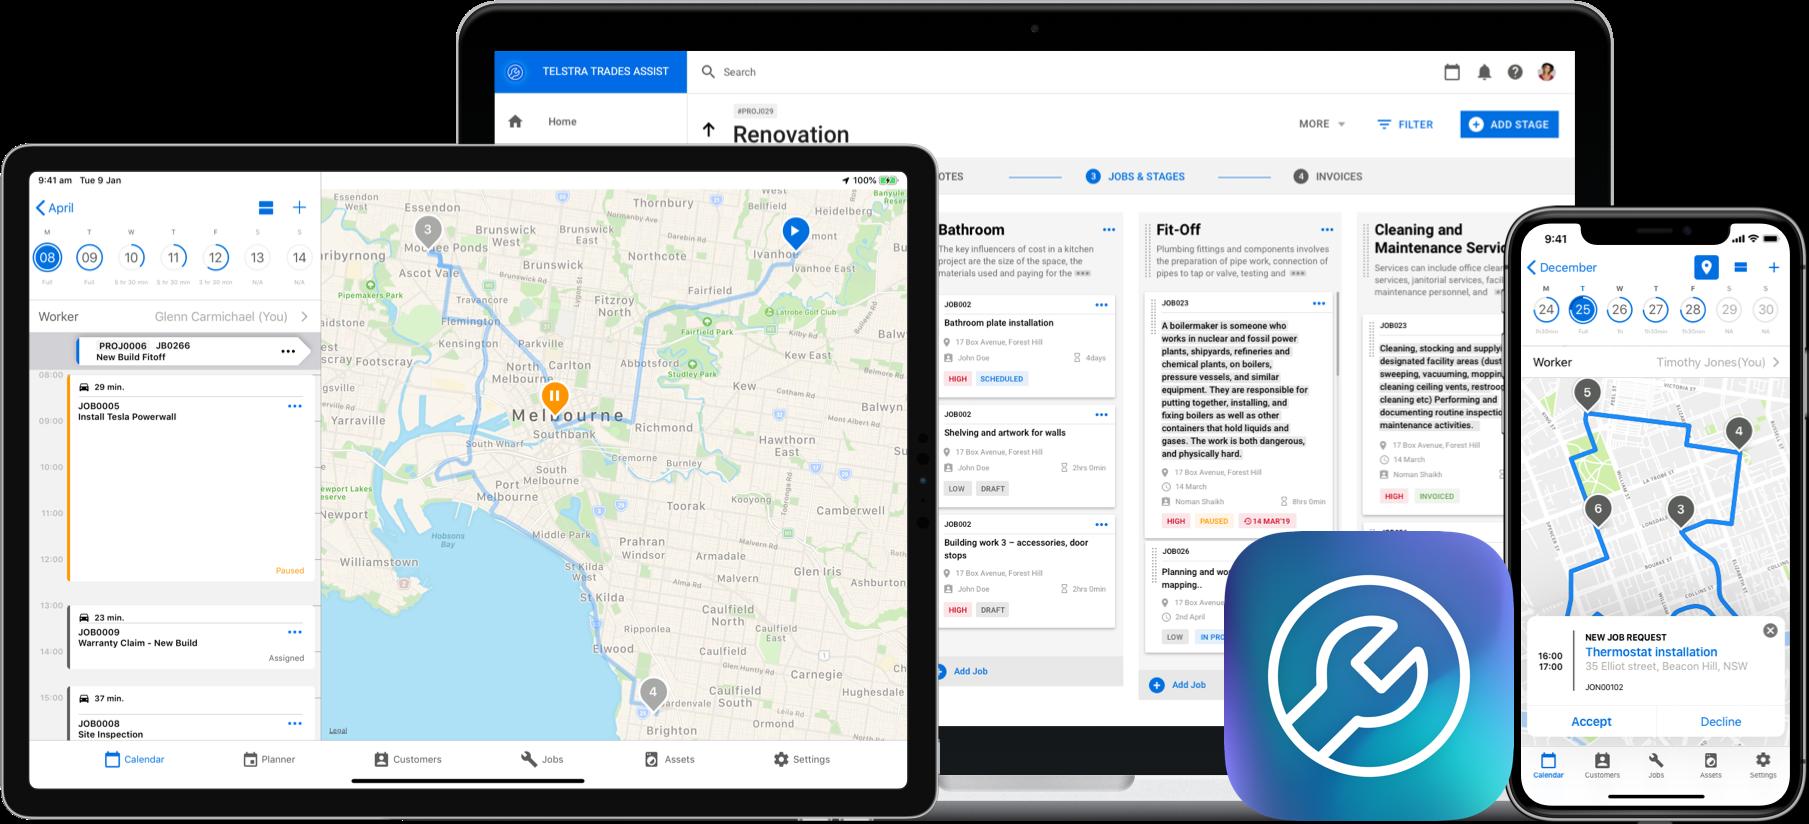 telstra trade assist app